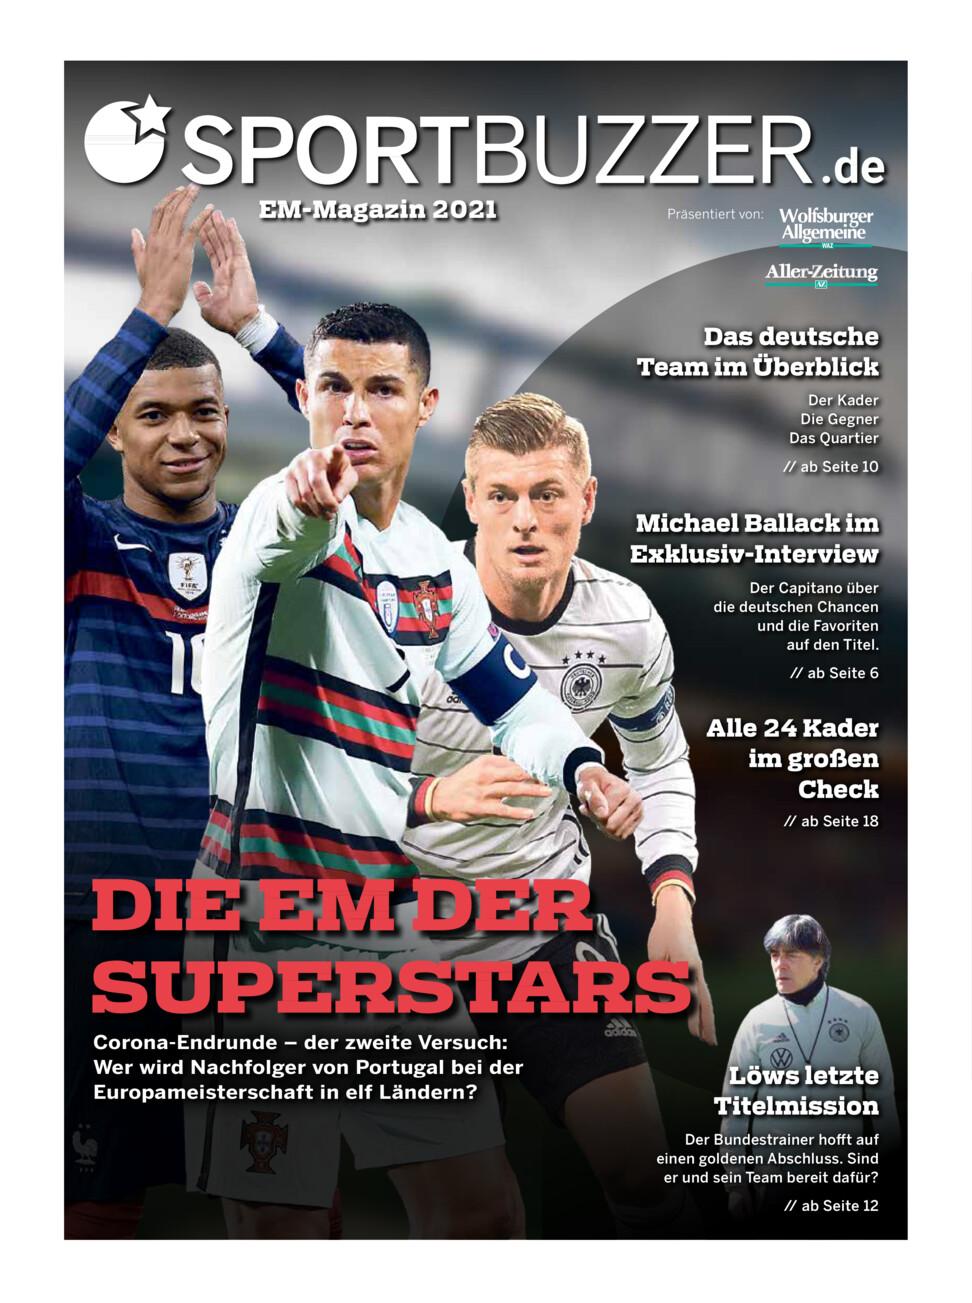 EM-Magazin 2021_Sportbuzzer